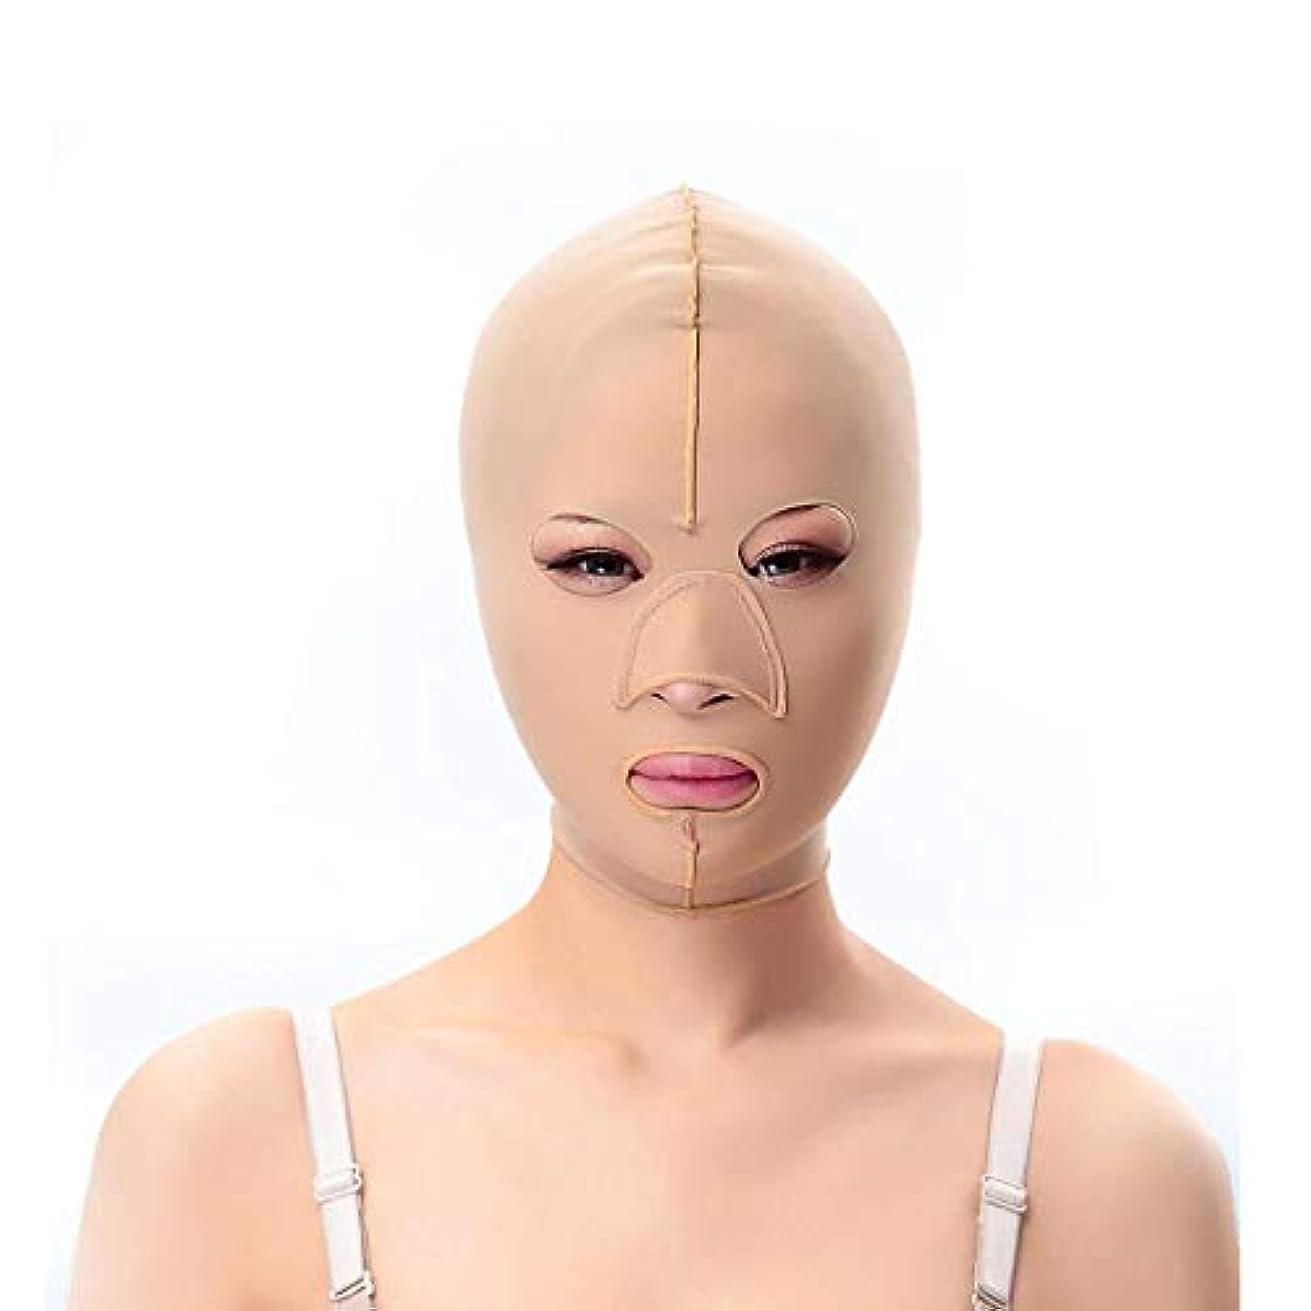 太陽泥沼弱点スリミングベルト、フェイシャルマスク薄いフェイスマスク布布パターンリフティングダブルあご引き締めフェイシャルプラスチック顔アーティファクト強力な顔包帯(サイズ:M)